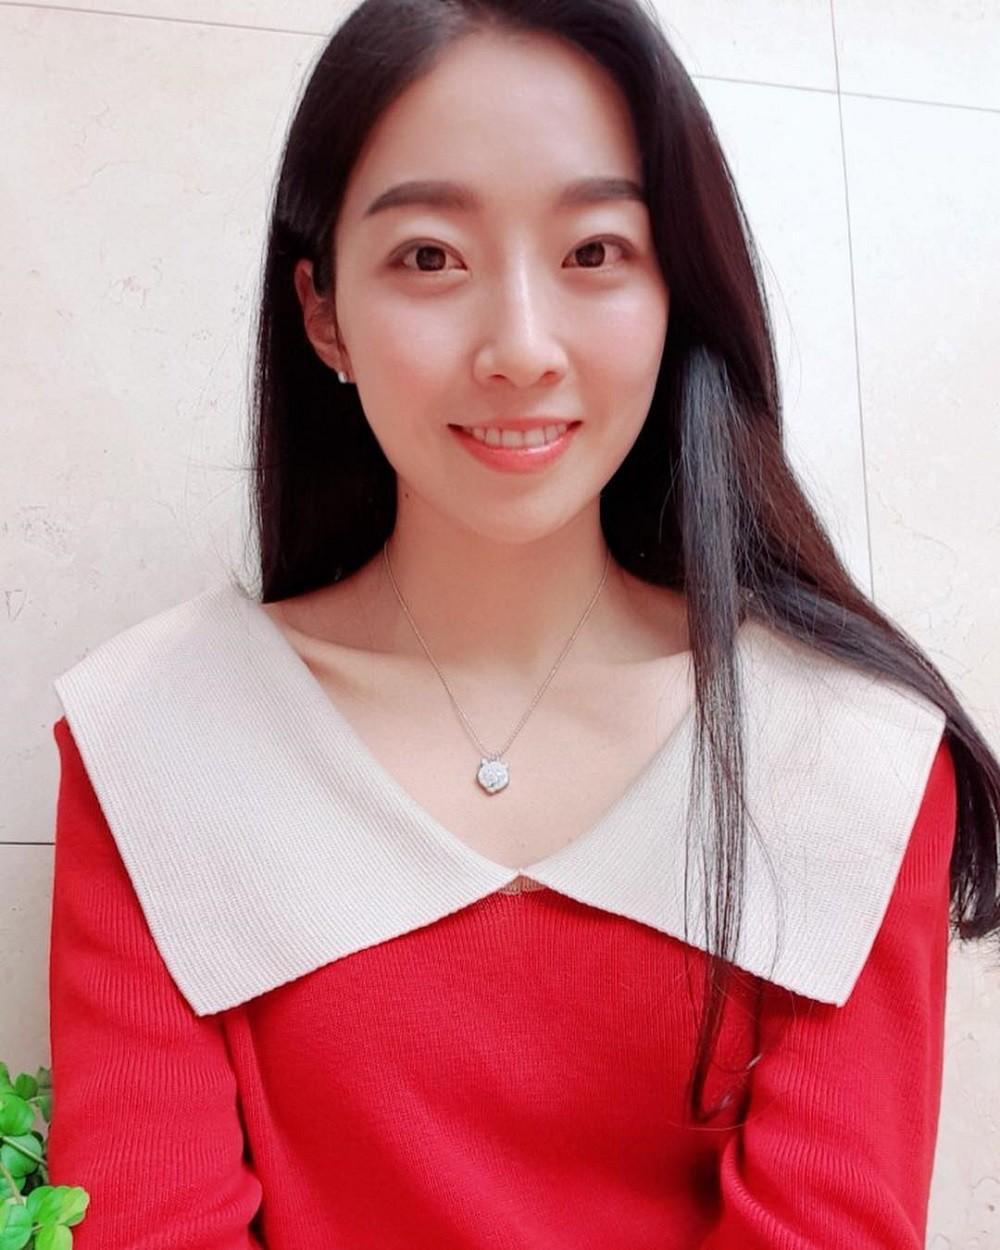 Bàn cân nhan sắc Tân và cựu Hoa hậu Hàn Quốc: Bên đẹp như diễn viên bên gây tranh cãi, body gây chú ý - Ảnh 12.